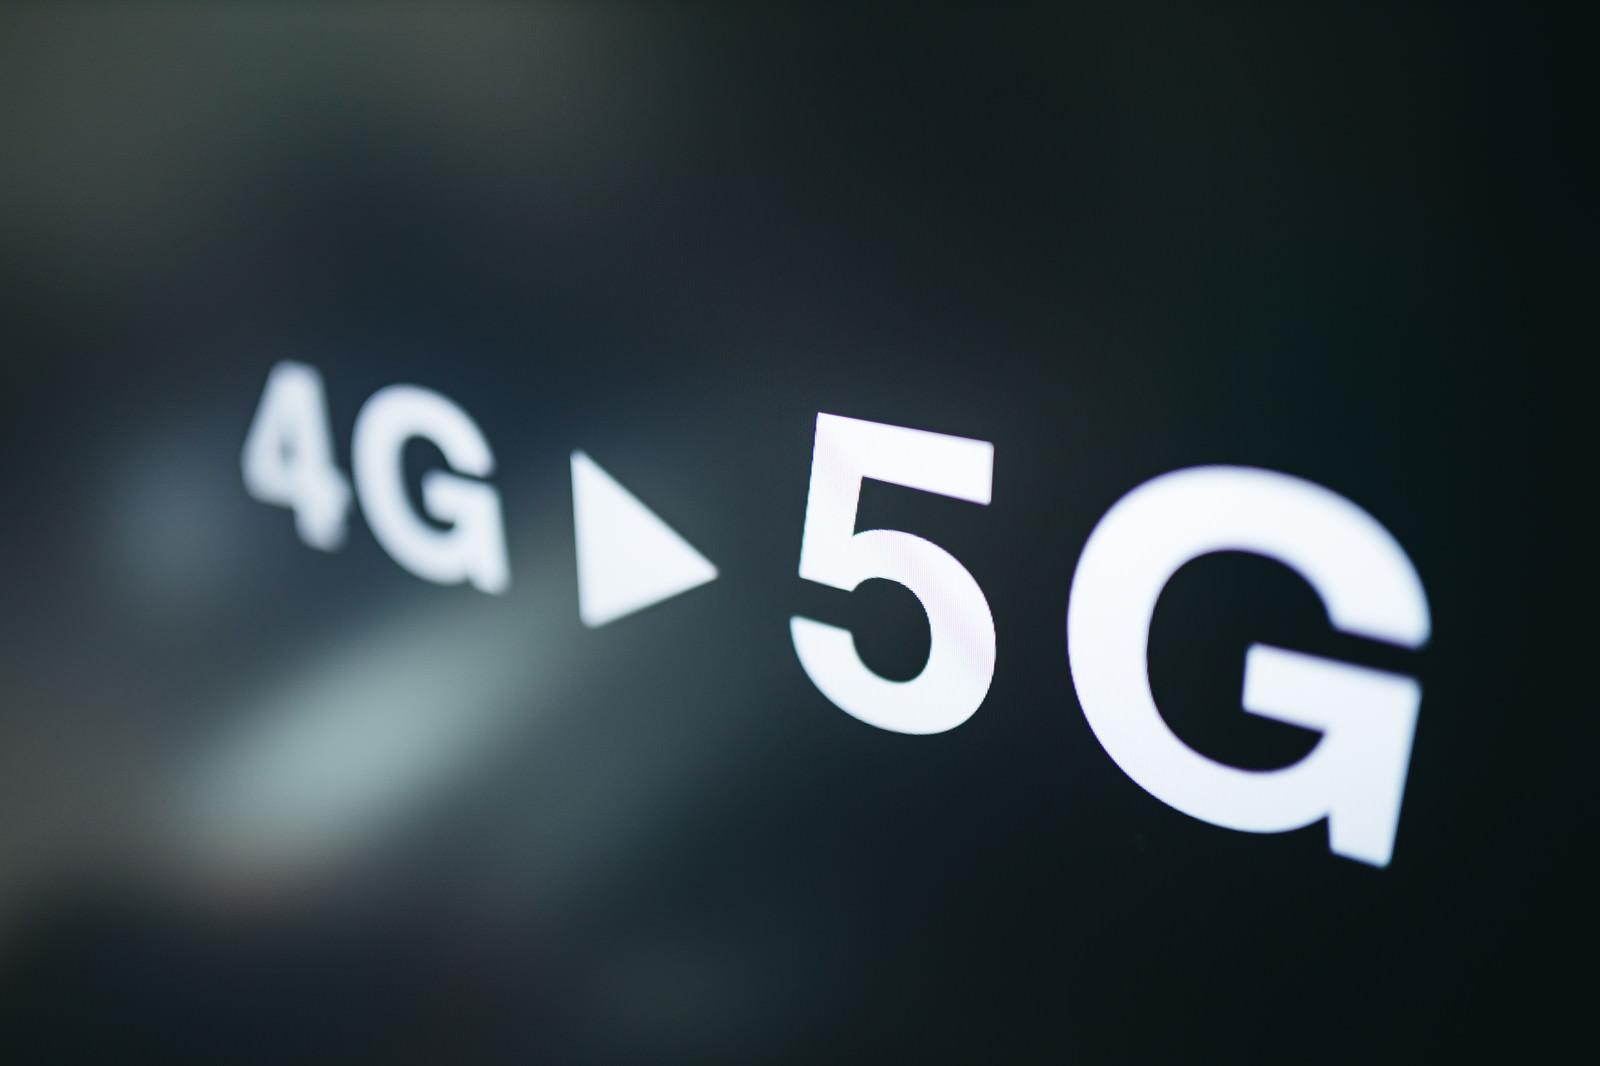 「4Gから5Gに」の写真